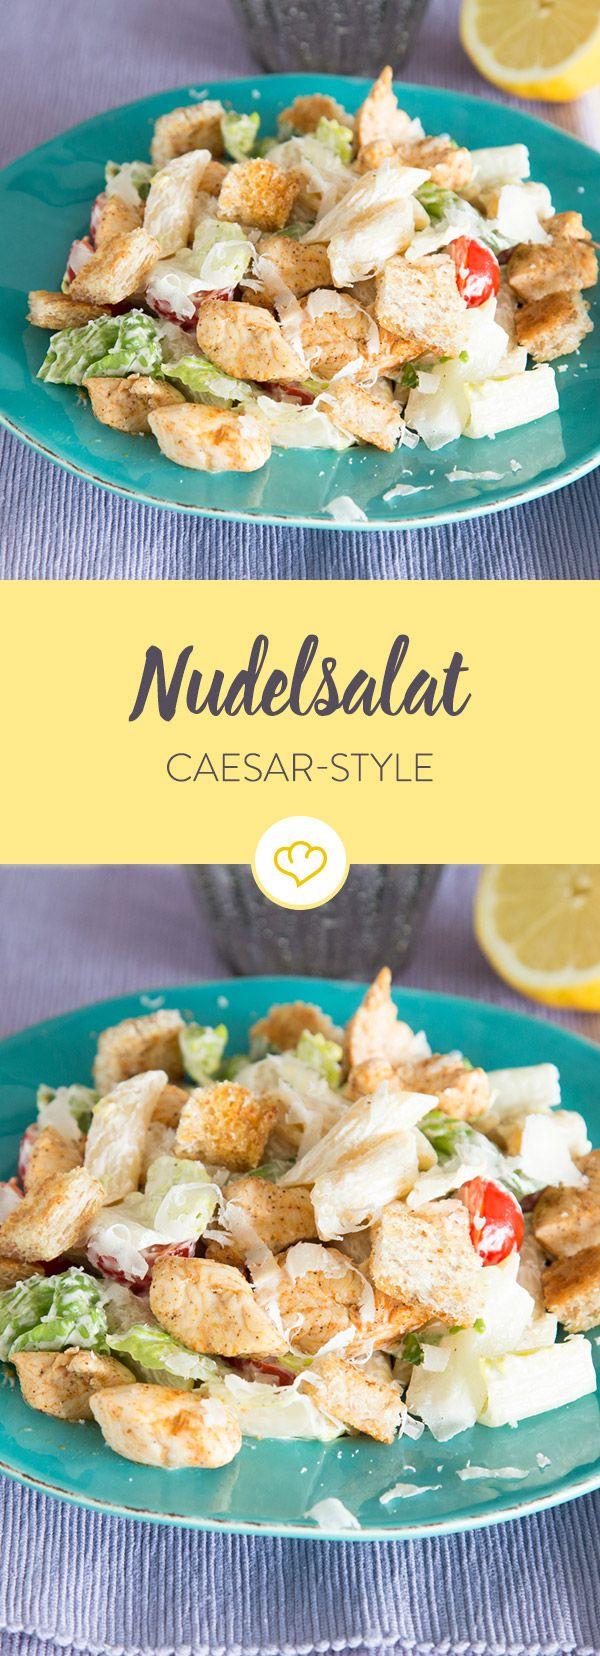 Neben den klassischen Zutaten wie Parmesan, Croûtons und dem Dressing kommen hier bissfest gegarte Nudeln in die Schüssel. Sommerlicher Sattmachersalat.